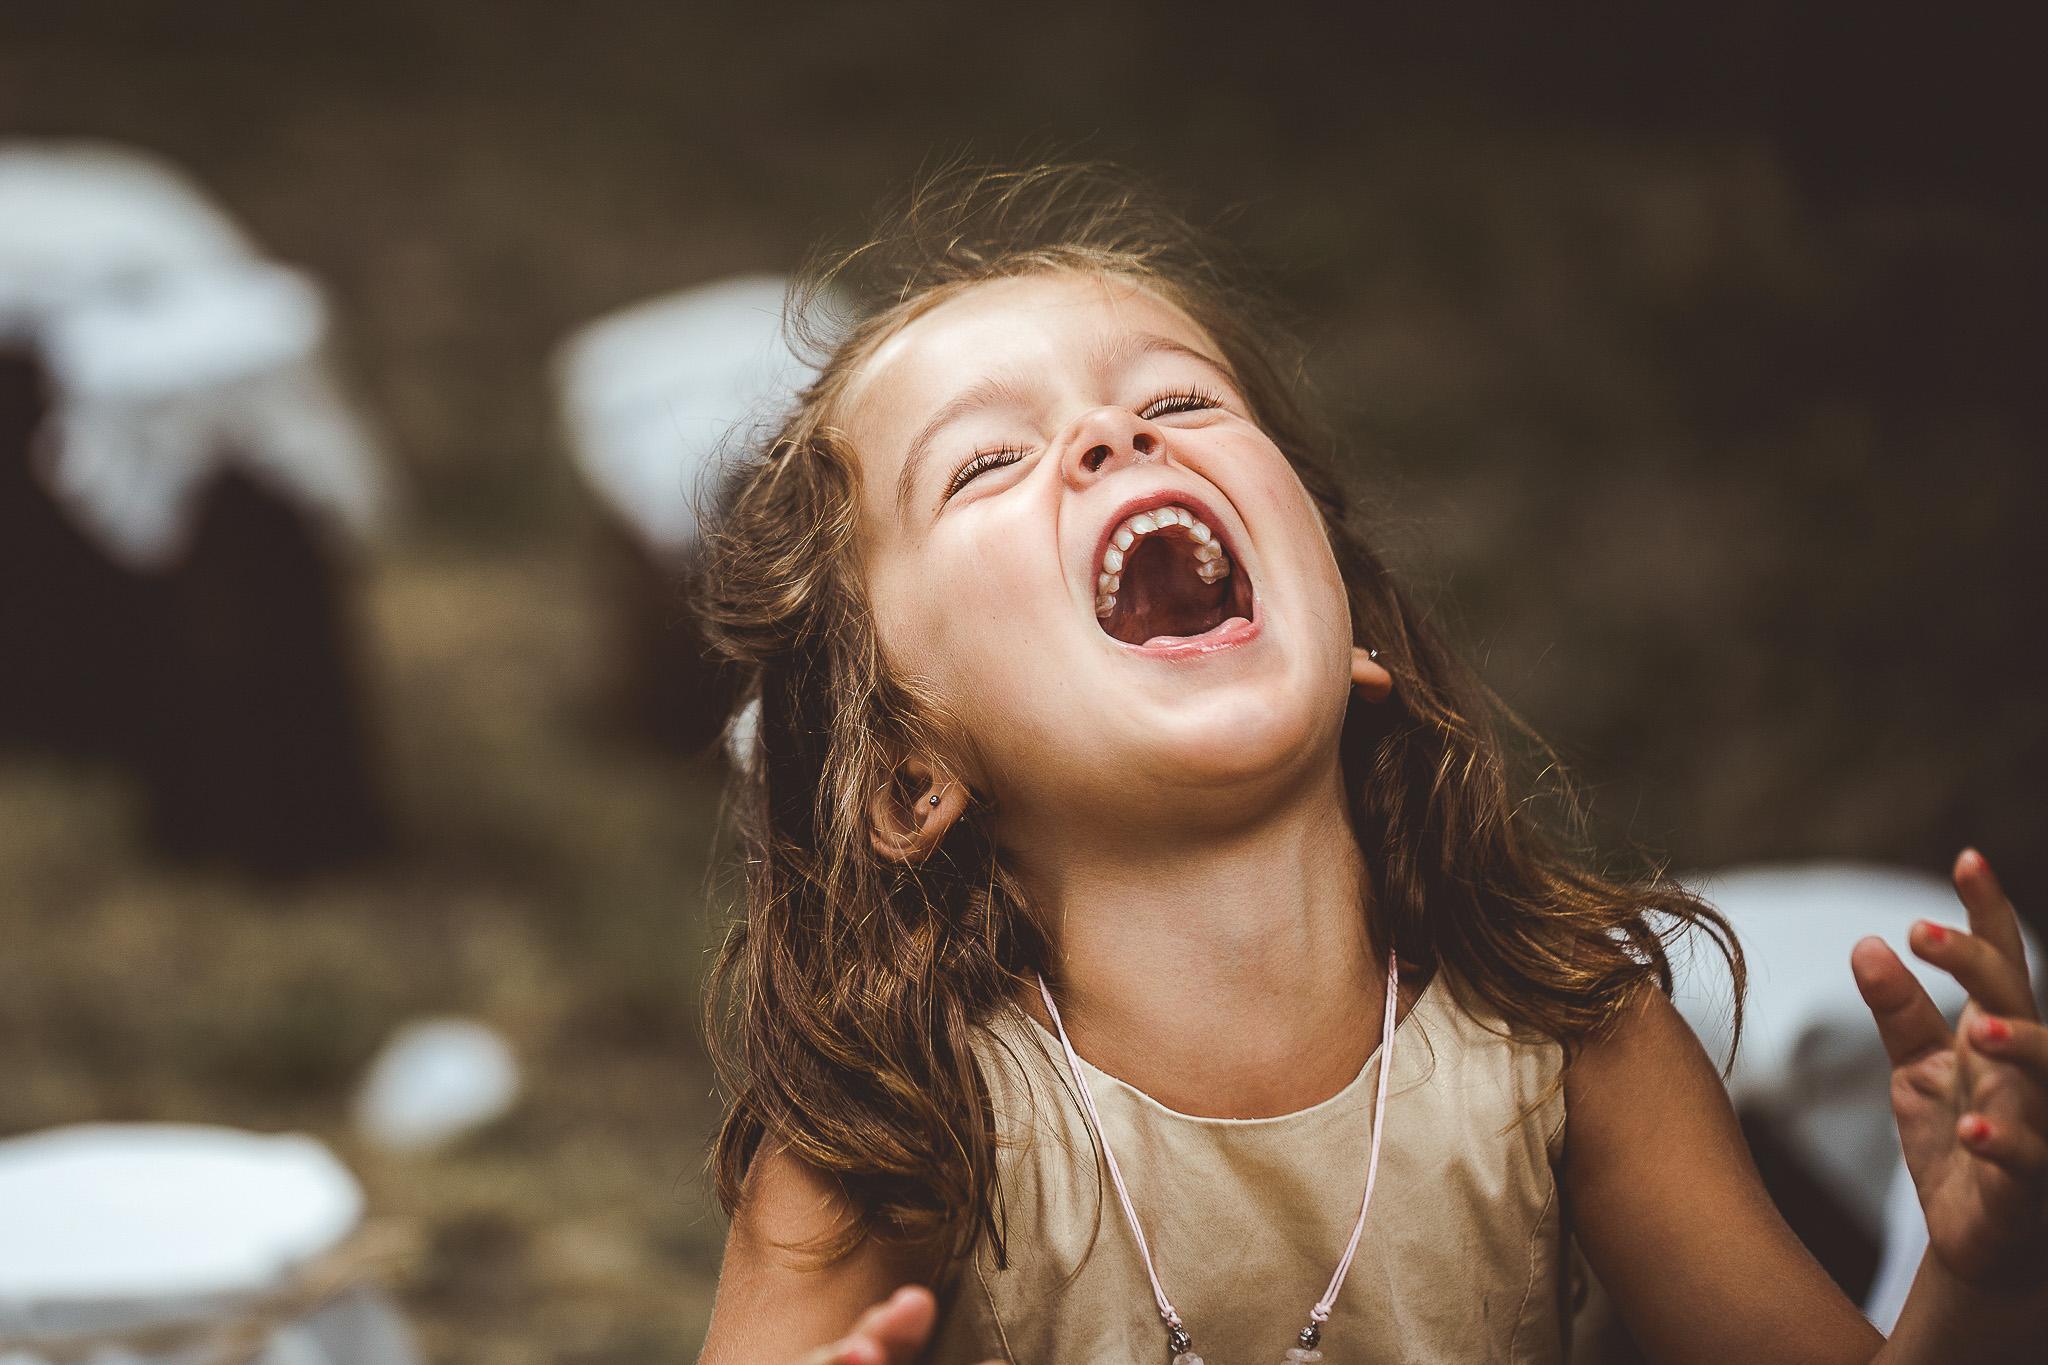 reportage mariage photo emotions instantane enfant rire aux eclats cocktails invites